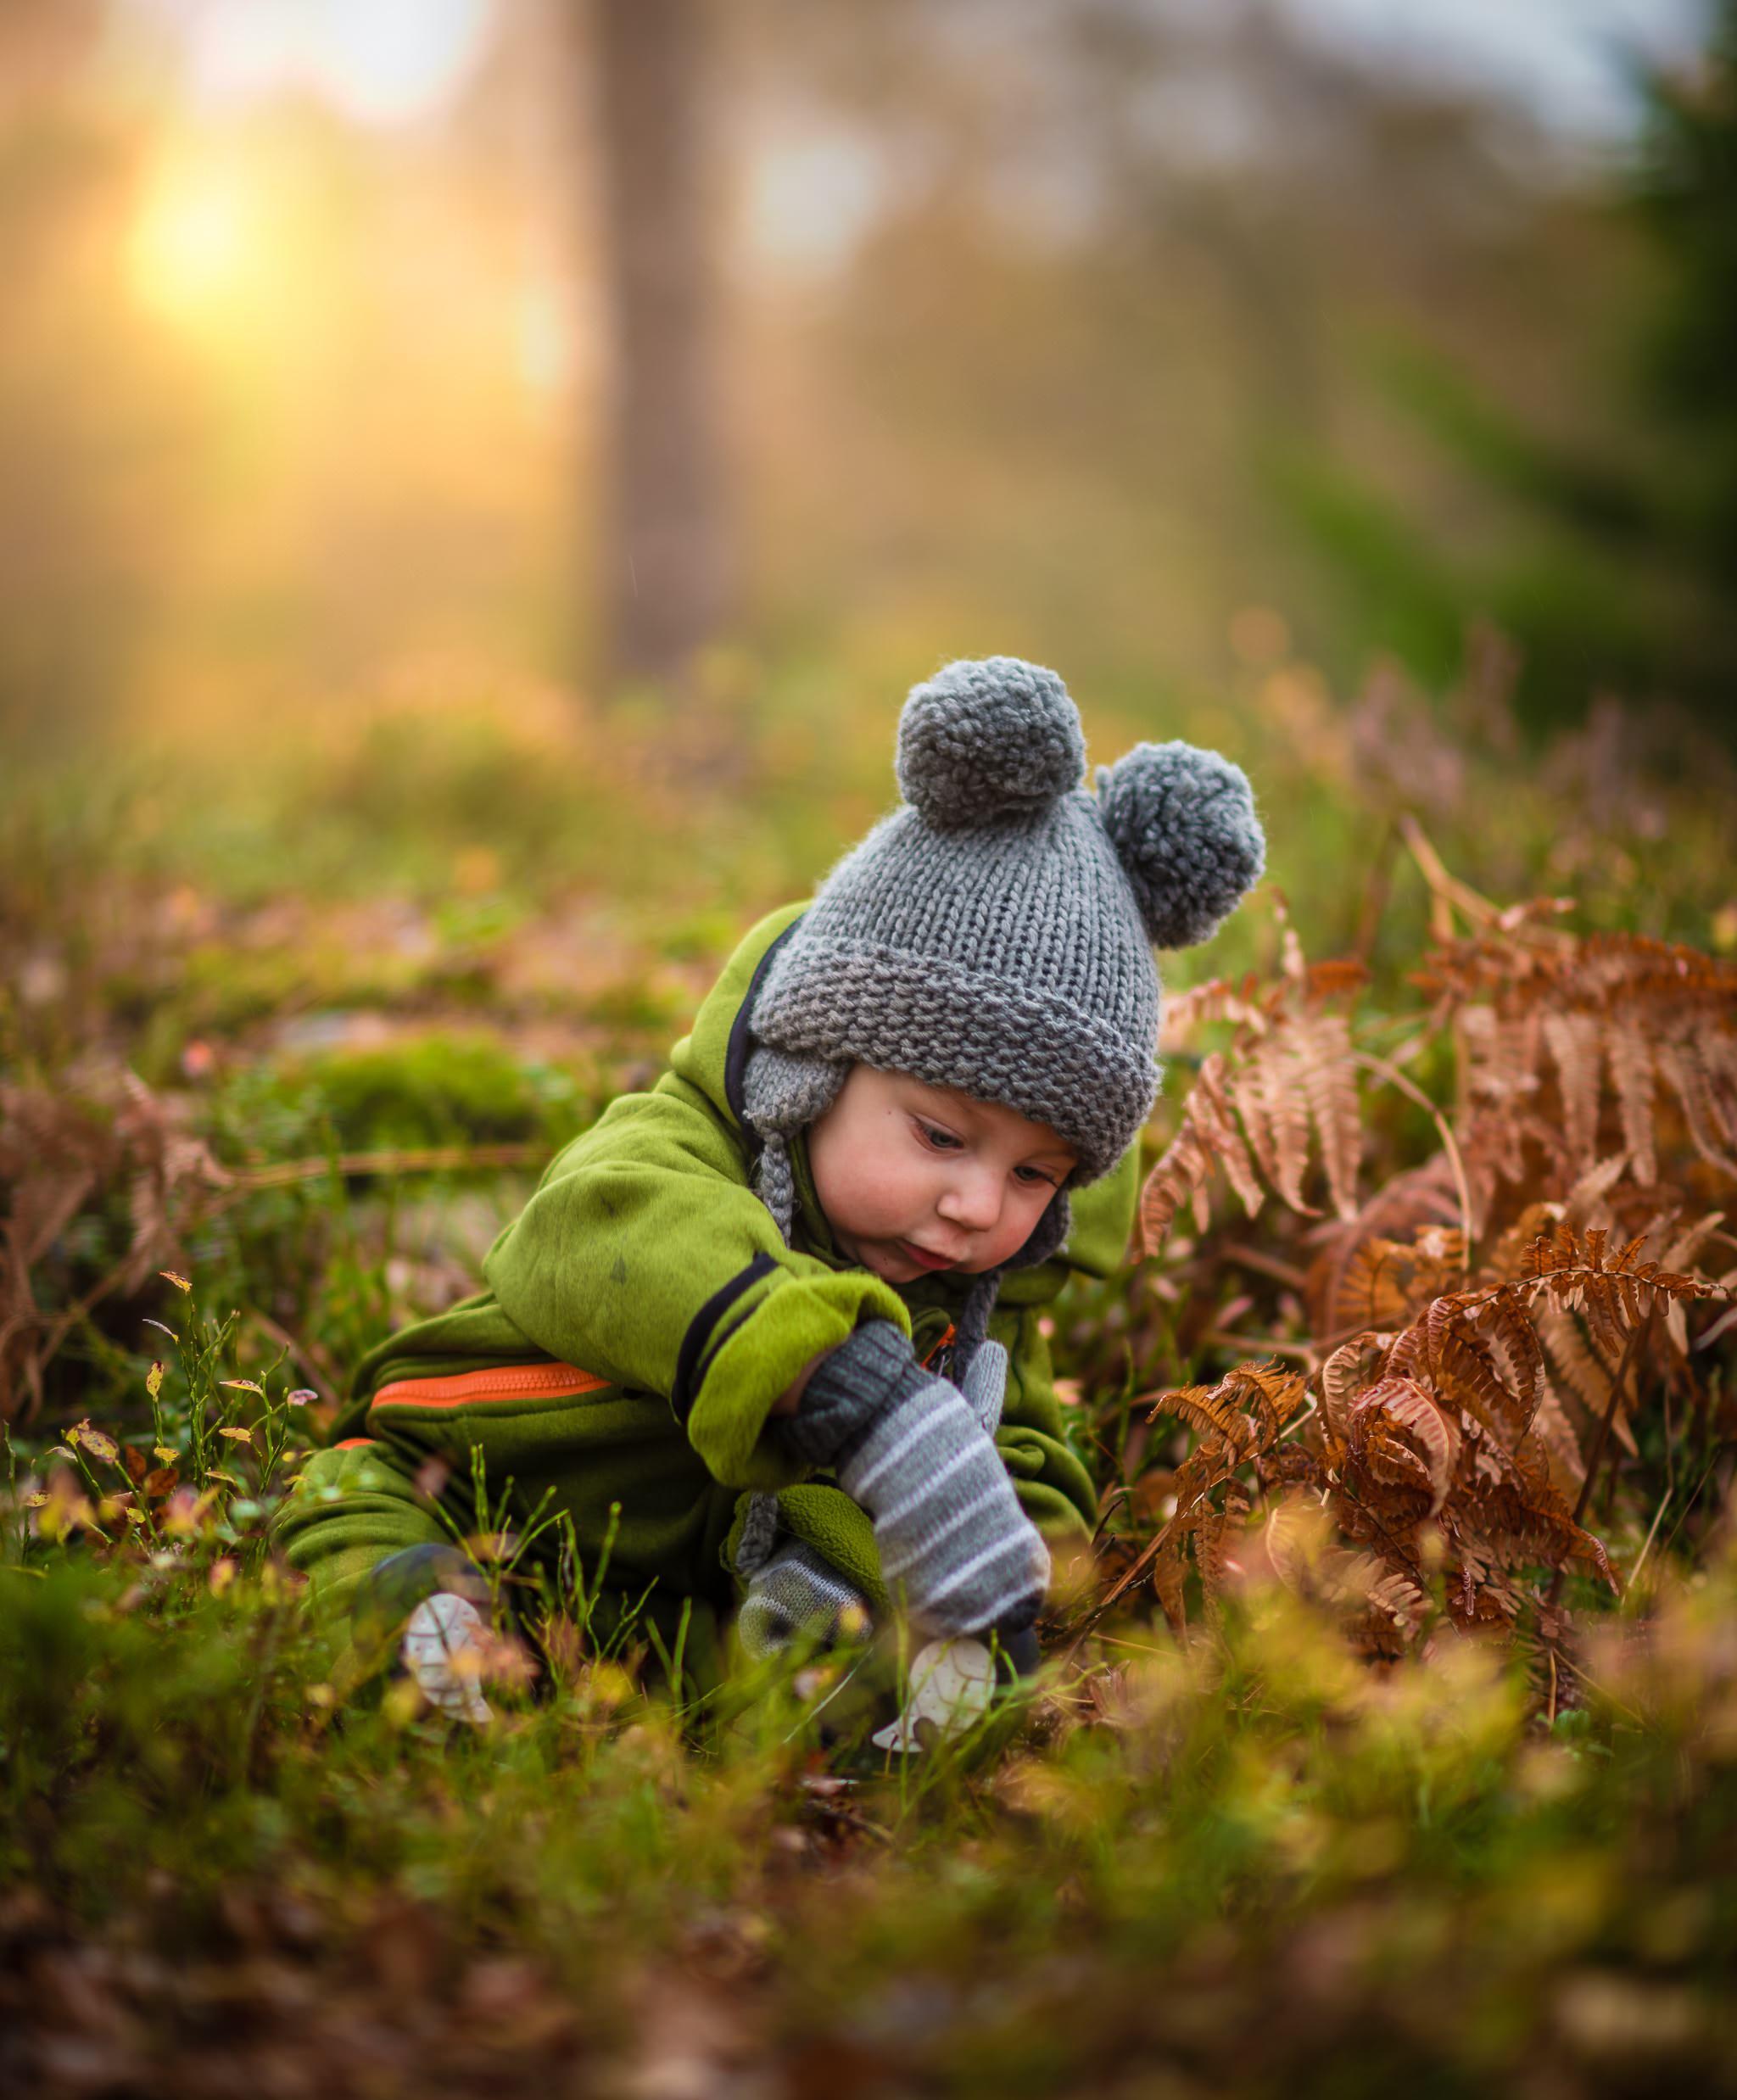 Boy in Gray Knit Hat